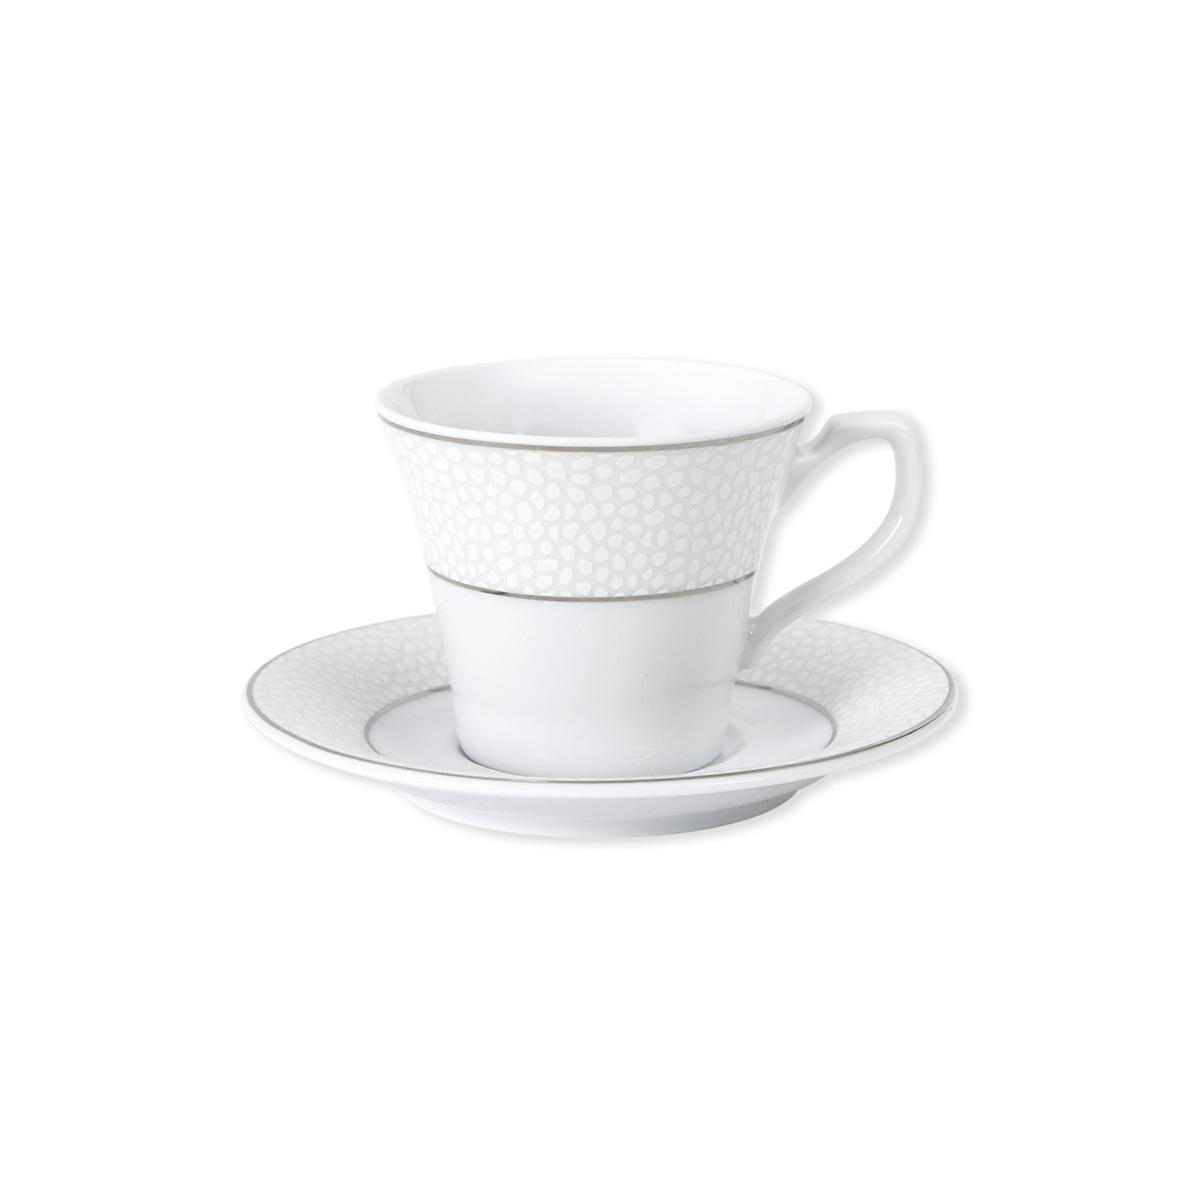 tasse et soucoupe caf design en porcelaine vaisselle chic. Black Bedroom Furniture Sets. Home Design Ideas